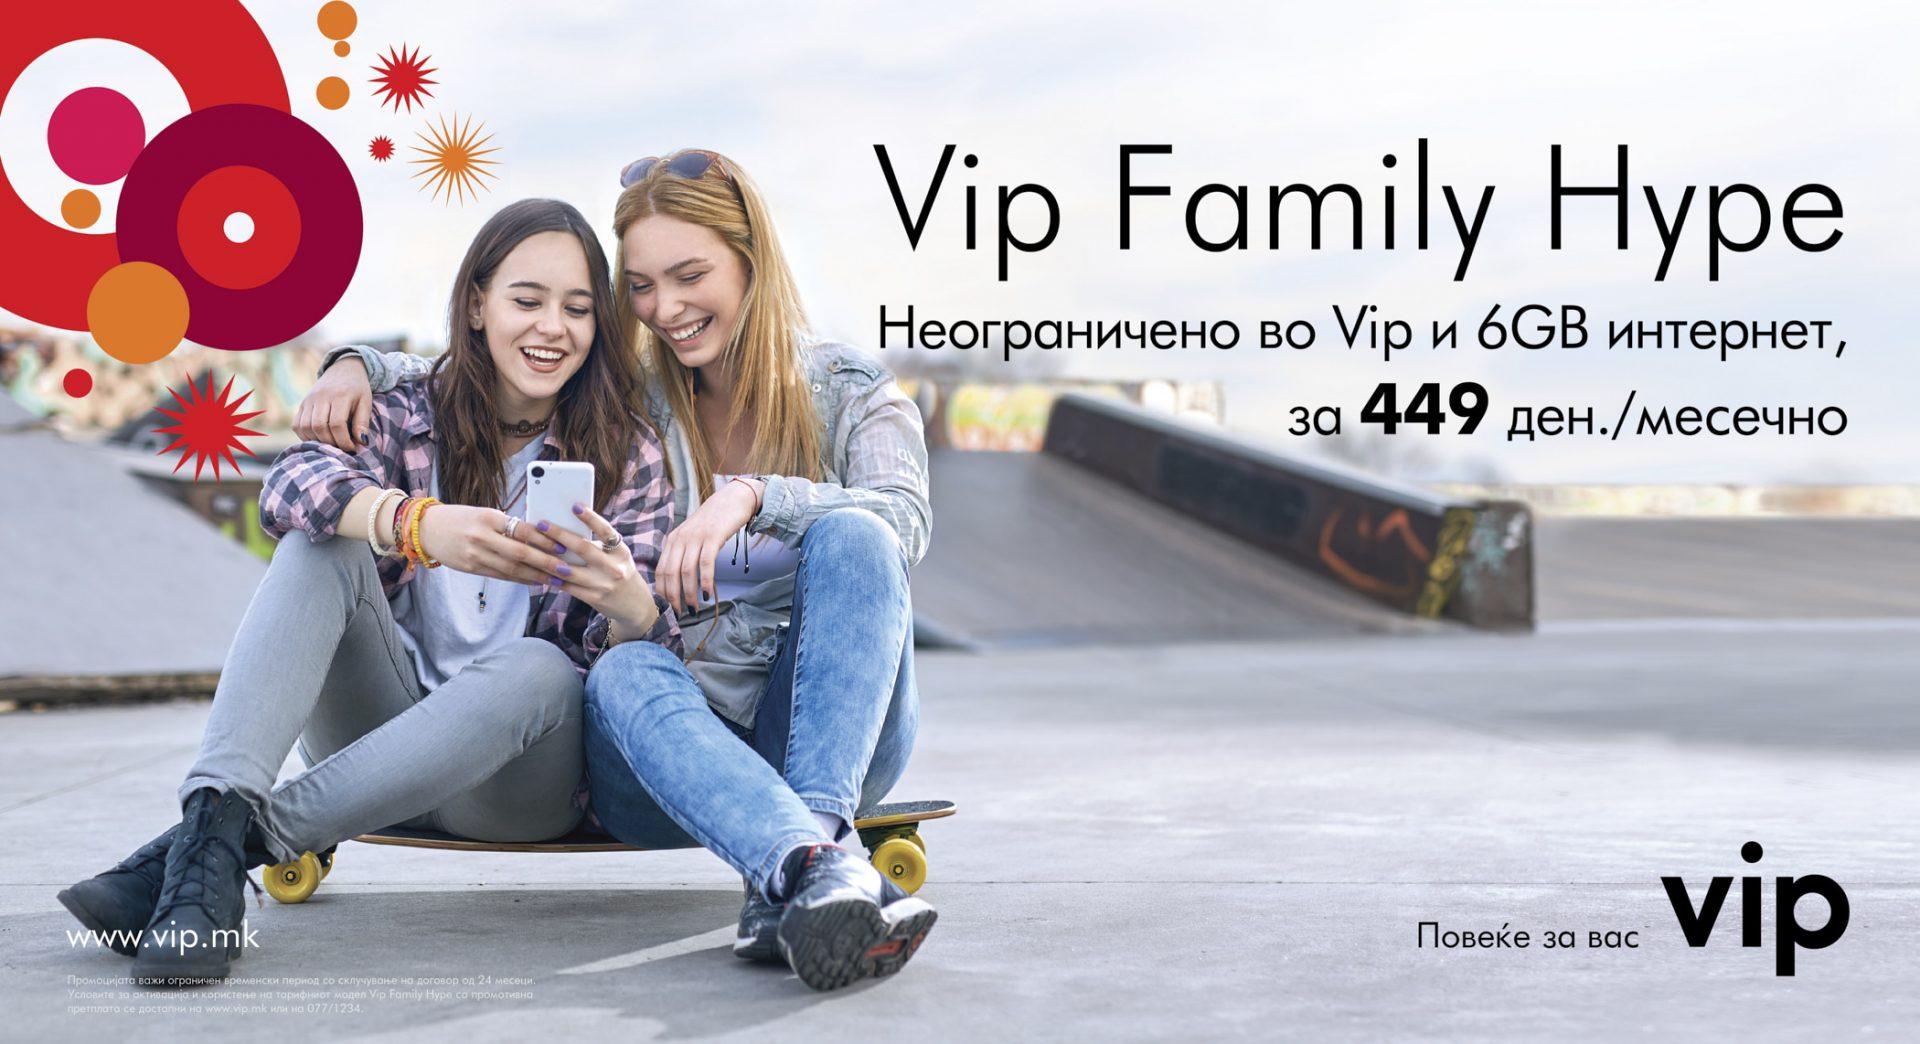 VipHype_BB_436x237cm